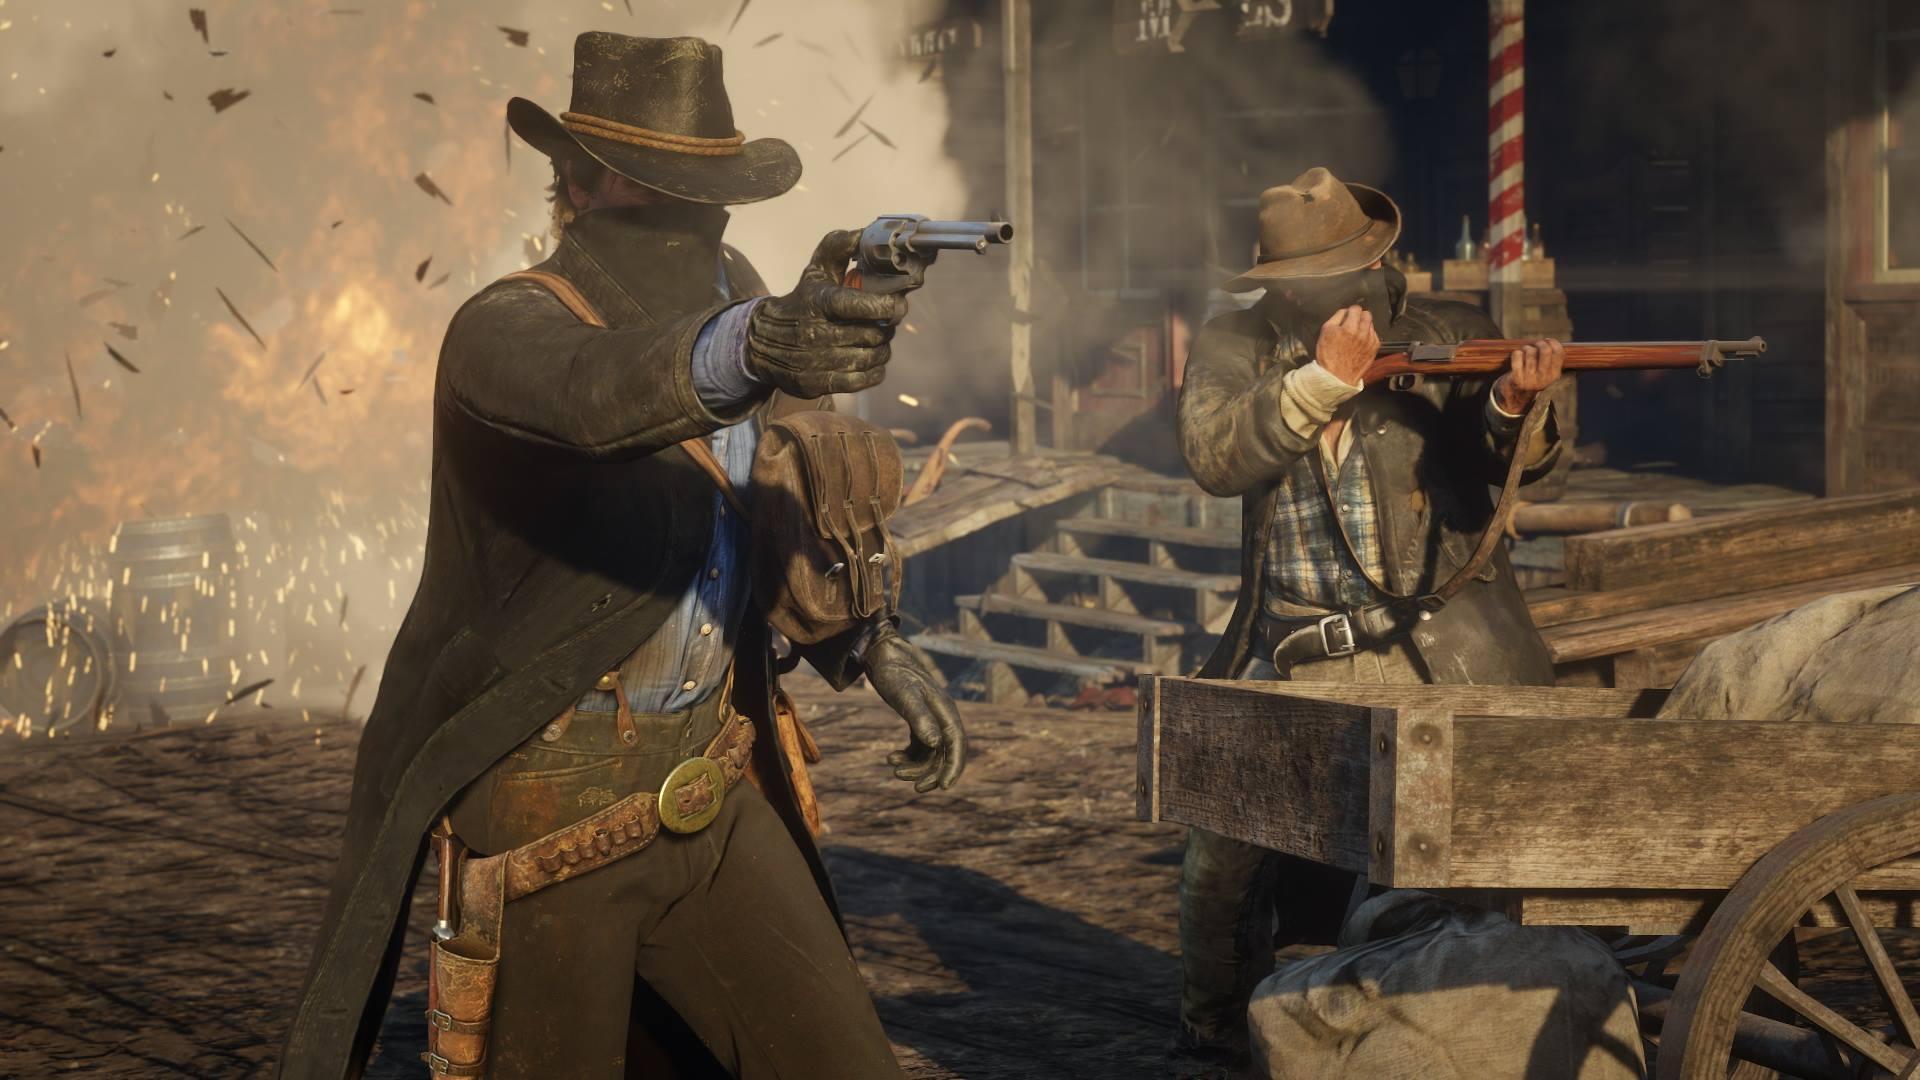 Neue Screenshots zu Red Dead Redemption 2 zeigen Tierwelt, Open World und Charaktere. Bild 5 - Quelle: Rockstar Games